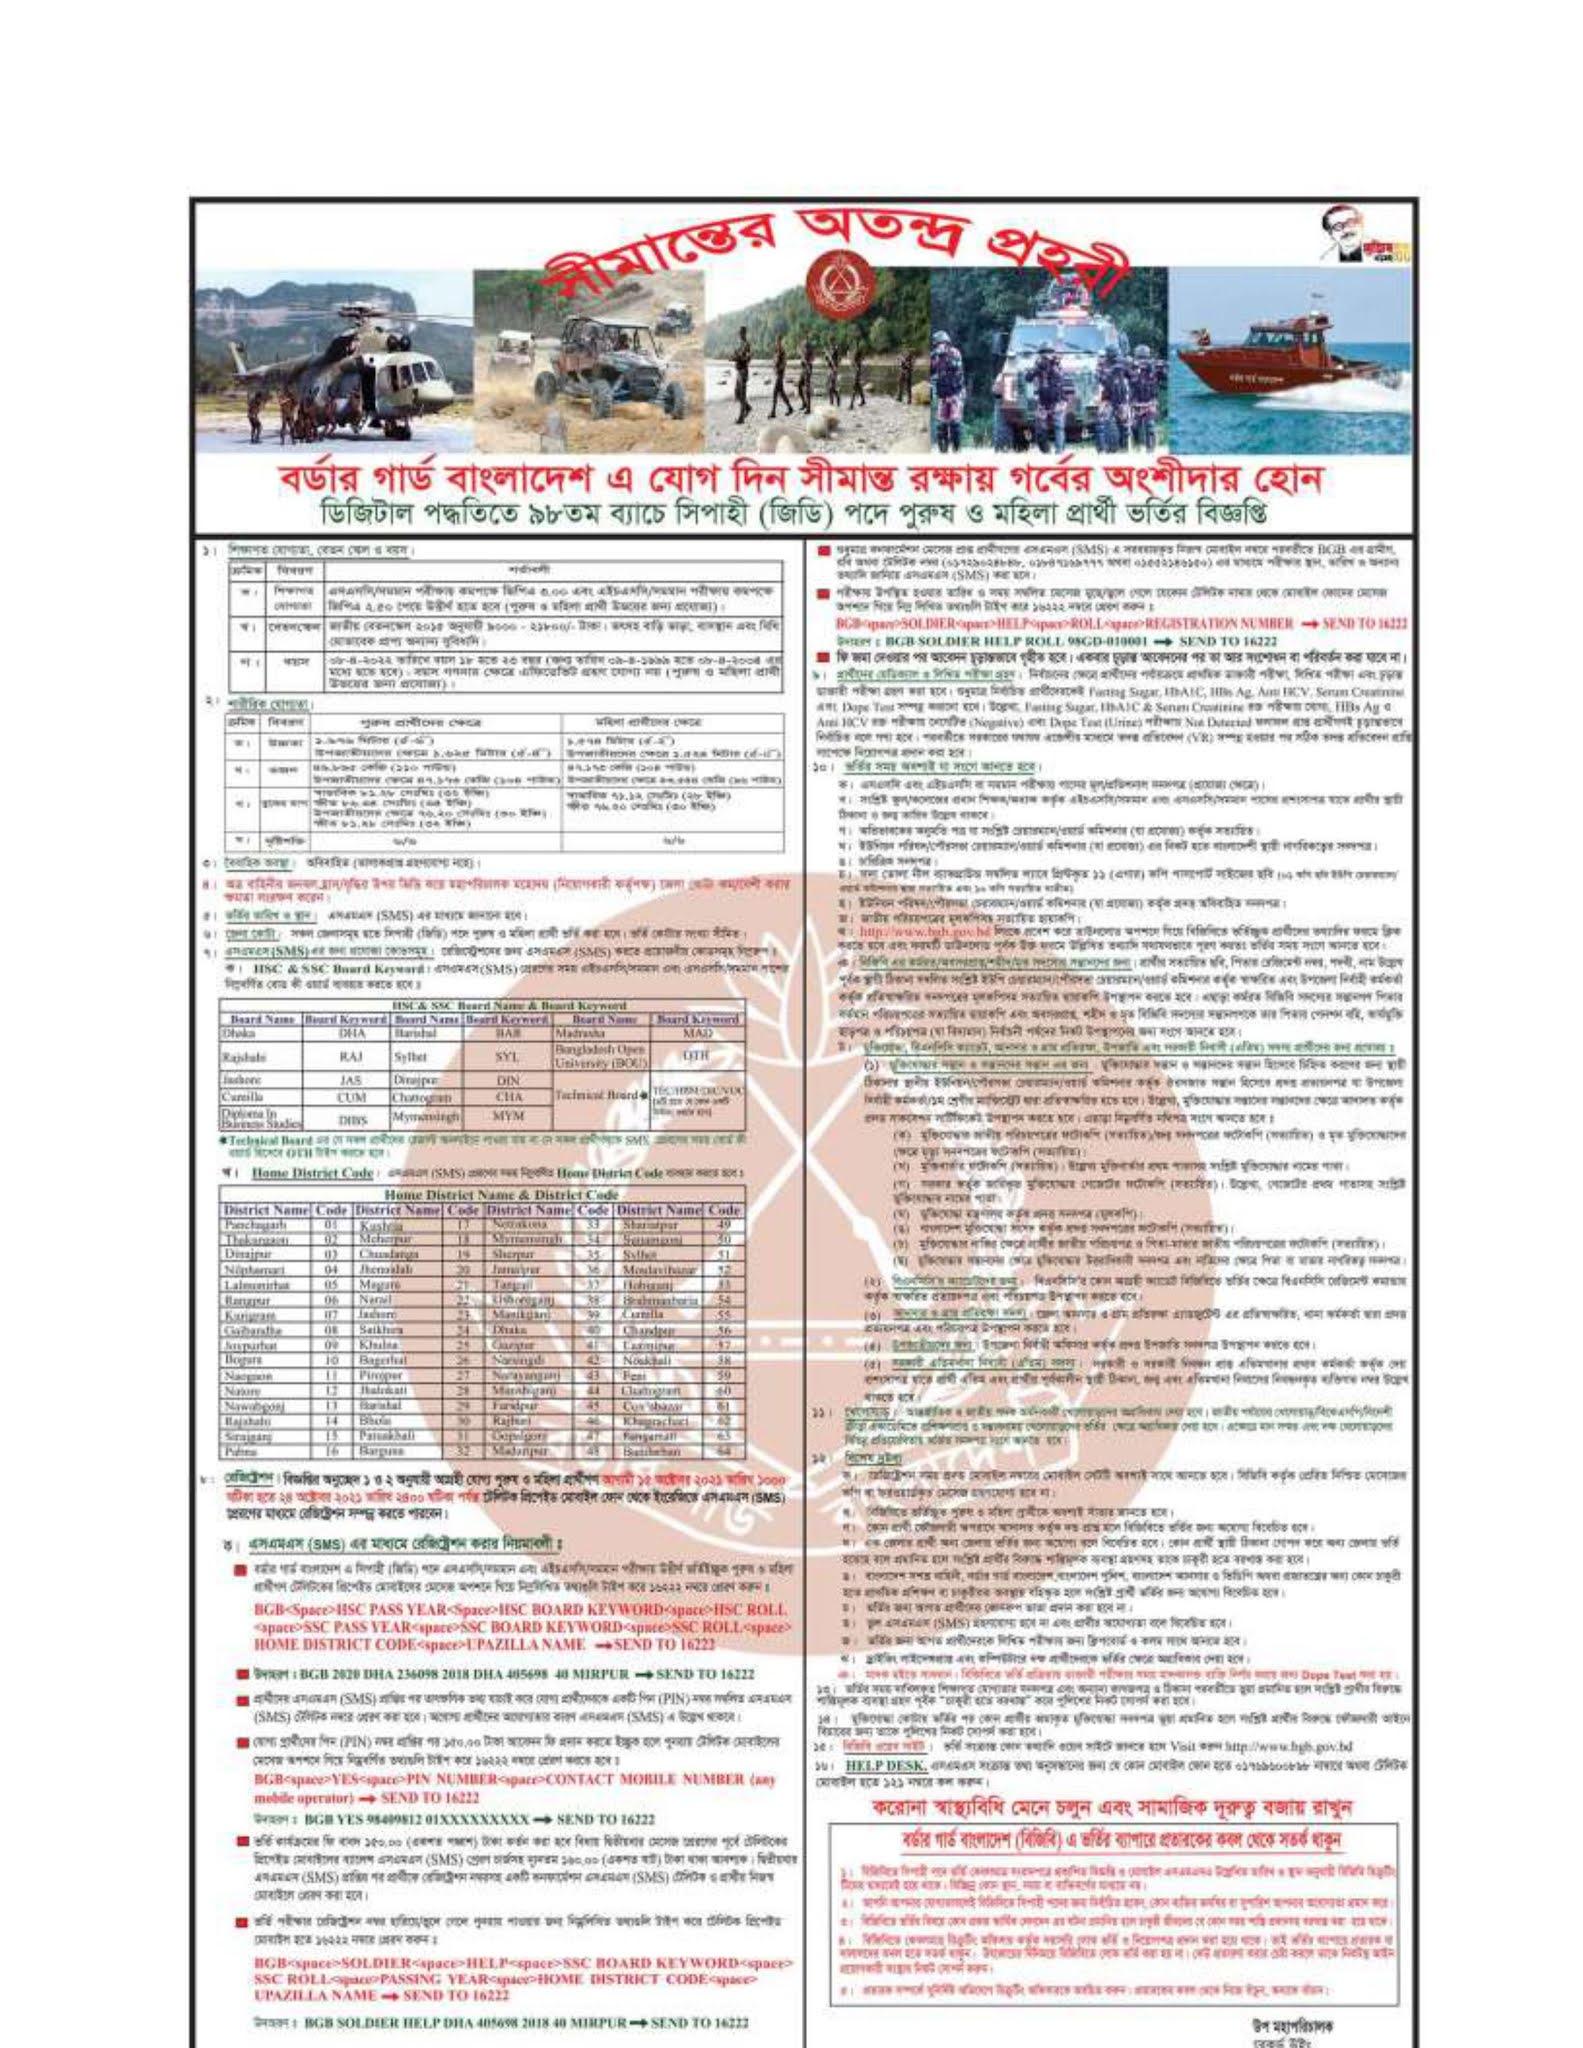 বর্ডার গার্ড বাংলাদেশ (বিজিবি) নিয়োগ বিজ্ঞপ্তি ২০২১ - Border Guard Bangladesh BGB Job Circular 2021 - বর্ডার গার্ড বাংলাদেশ (বিজিবি) নিয়োগ বিজ্ঞপ্তি ২০২২ - Border Guard Bangladesh BGB Job Circular 2022 - সরকারি চাকরির খবর ২০২২